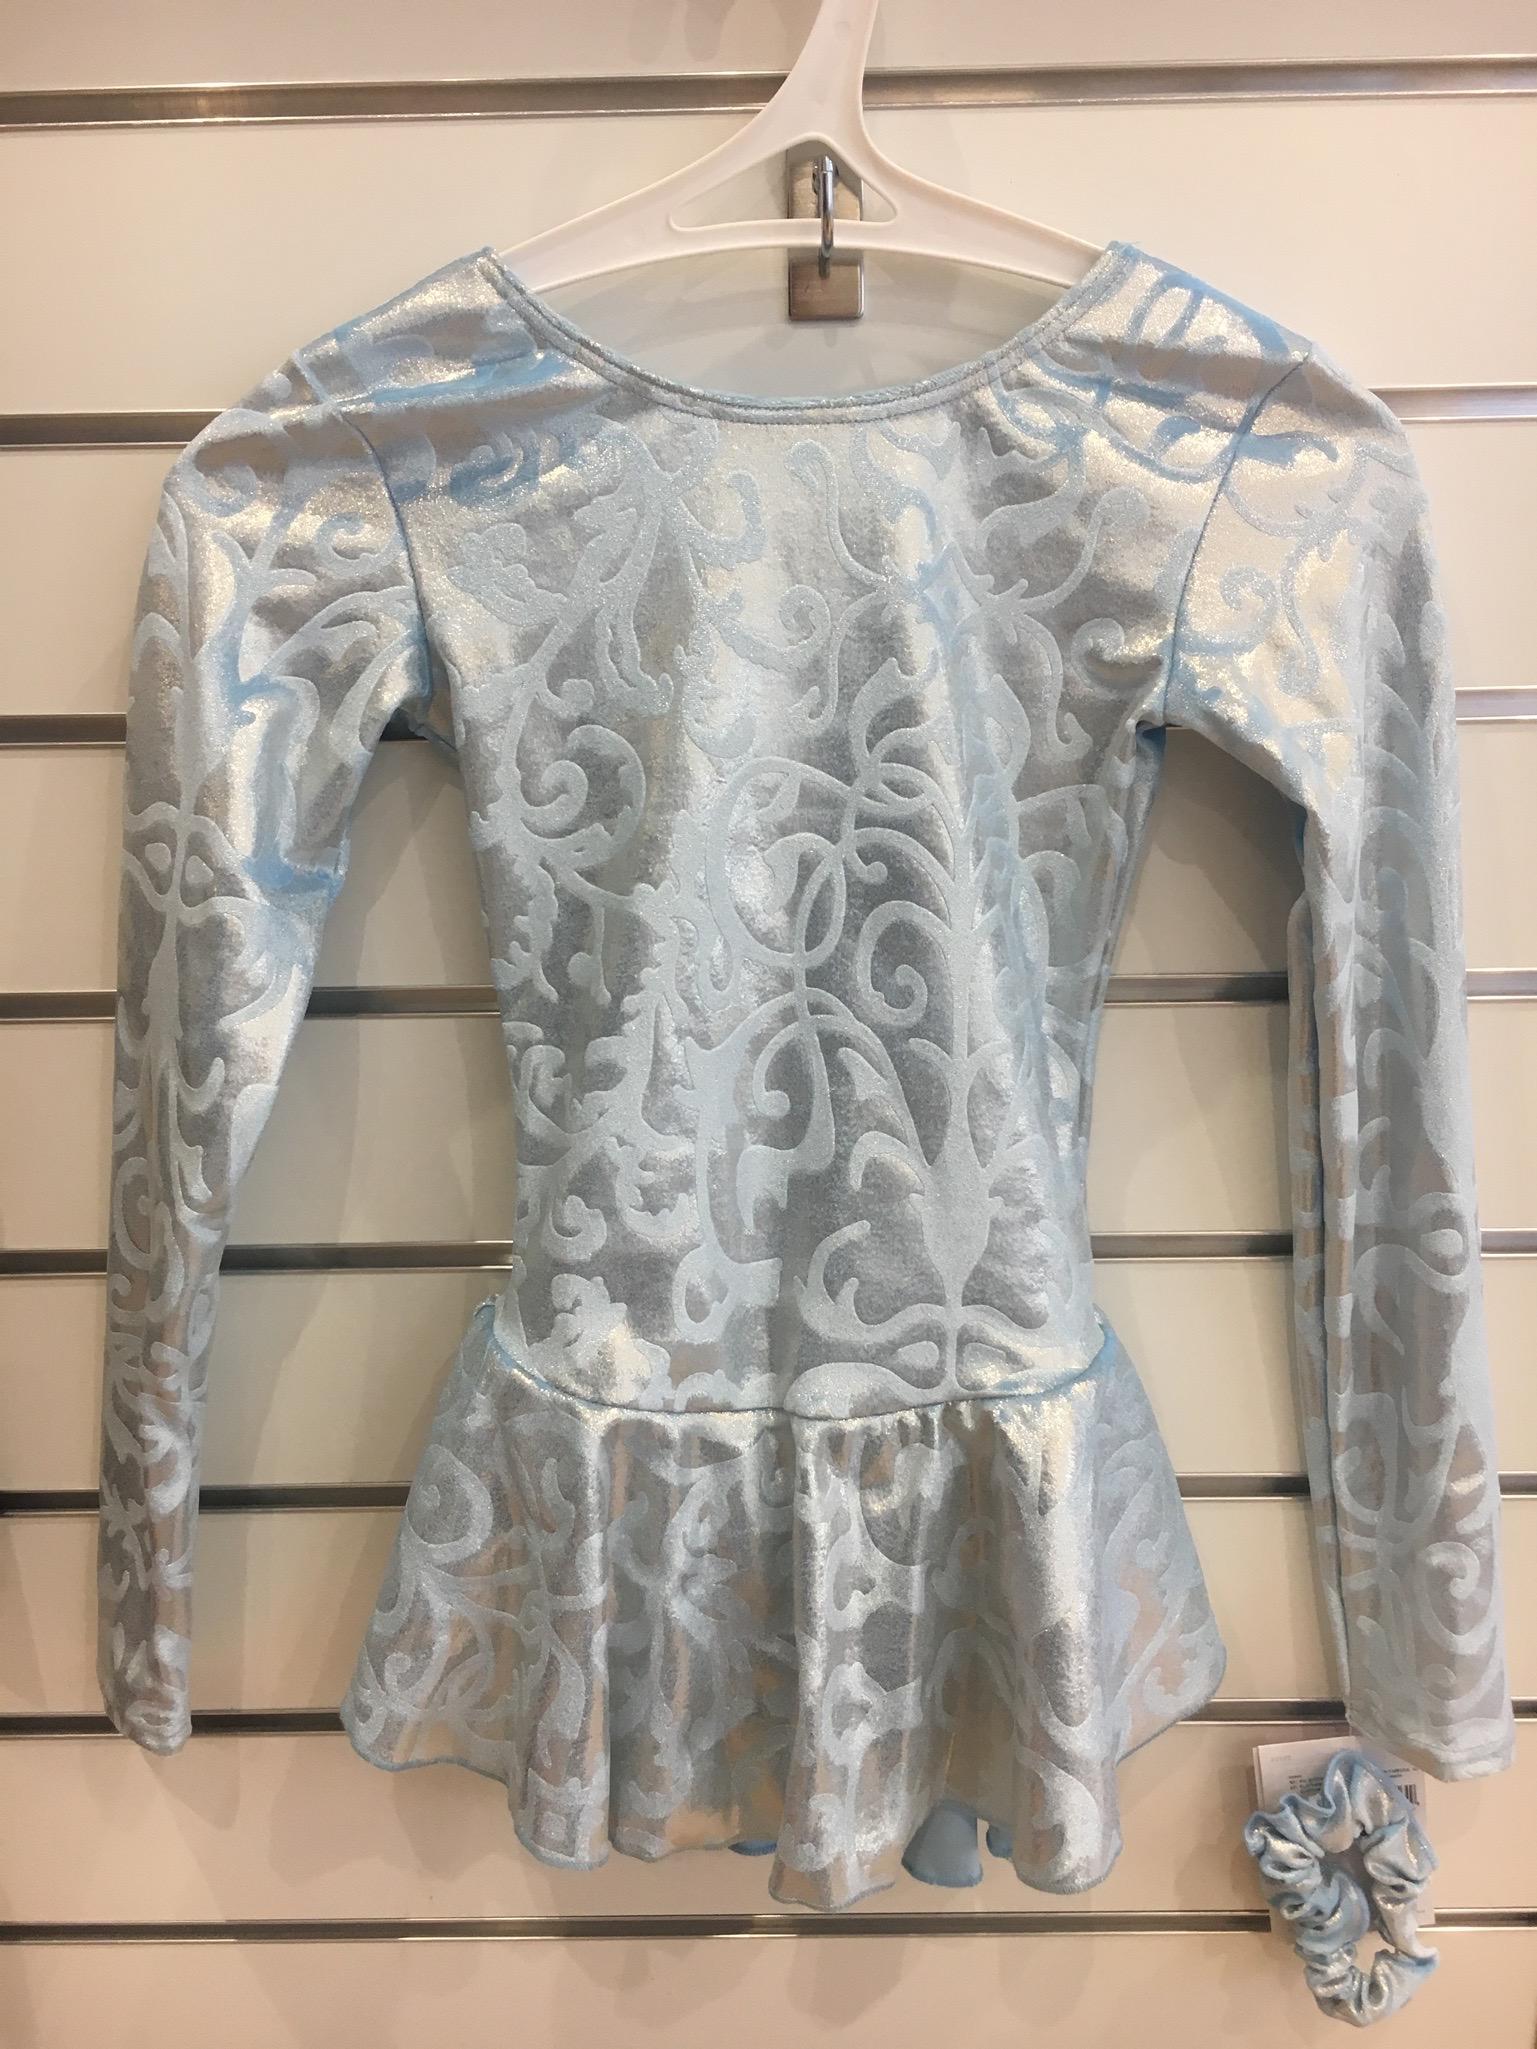 Ljusblå sammetsklänning. Ljusblå sammetsklänning. Långärmad klänning i sammet  med ... 0dab45beec1a4